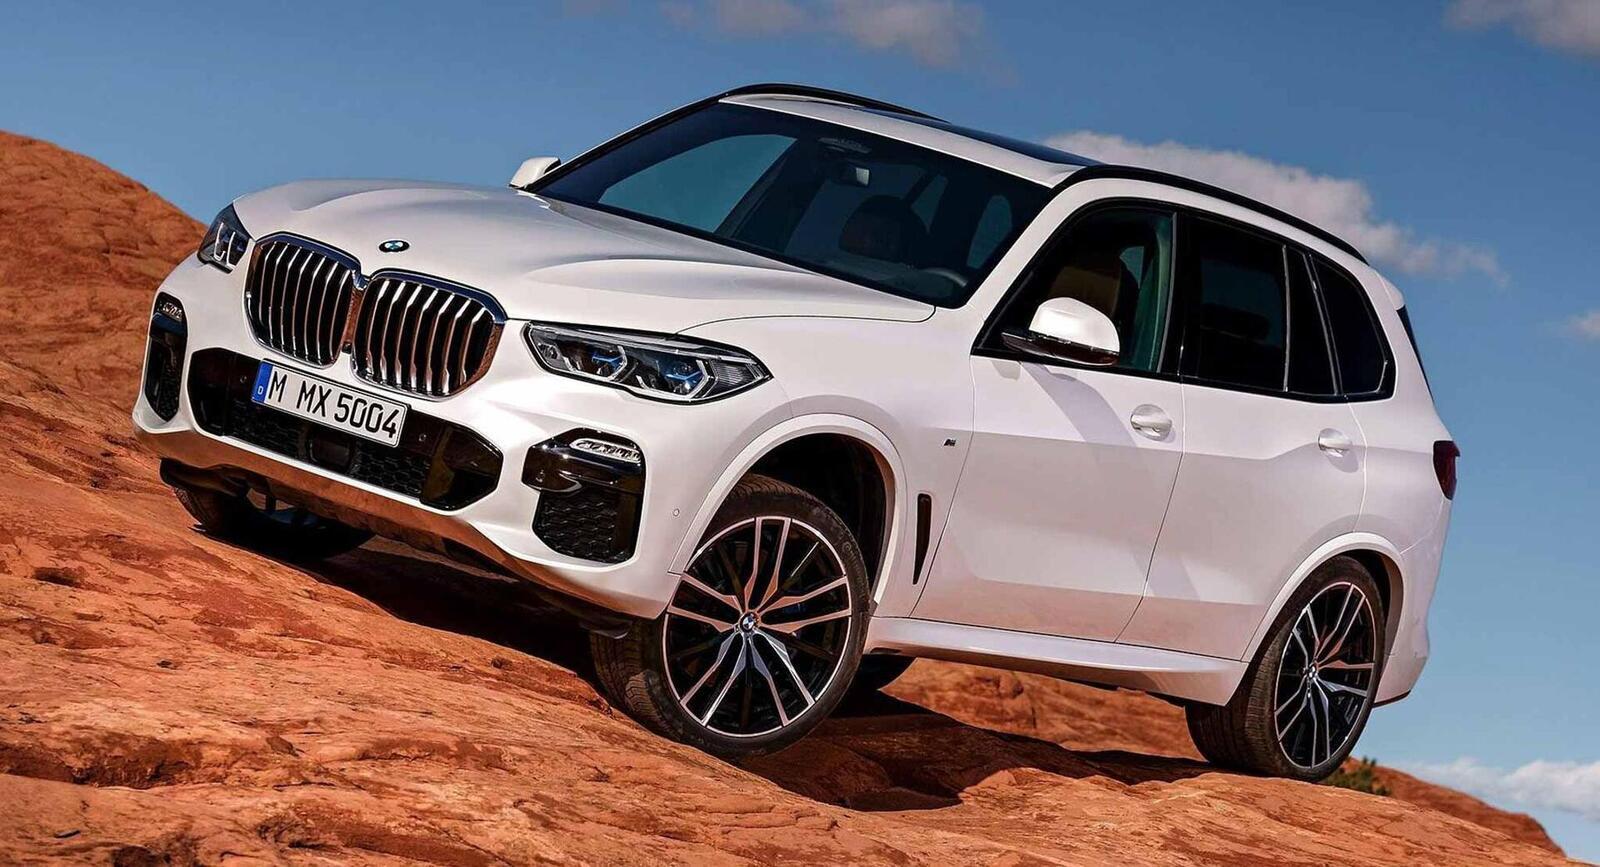 Hôm nay BMW X7 và X5 thế hệ mới sẽ ra mắt tại Việt Nam; mời các bác dự đoán giá bán - Hình 7